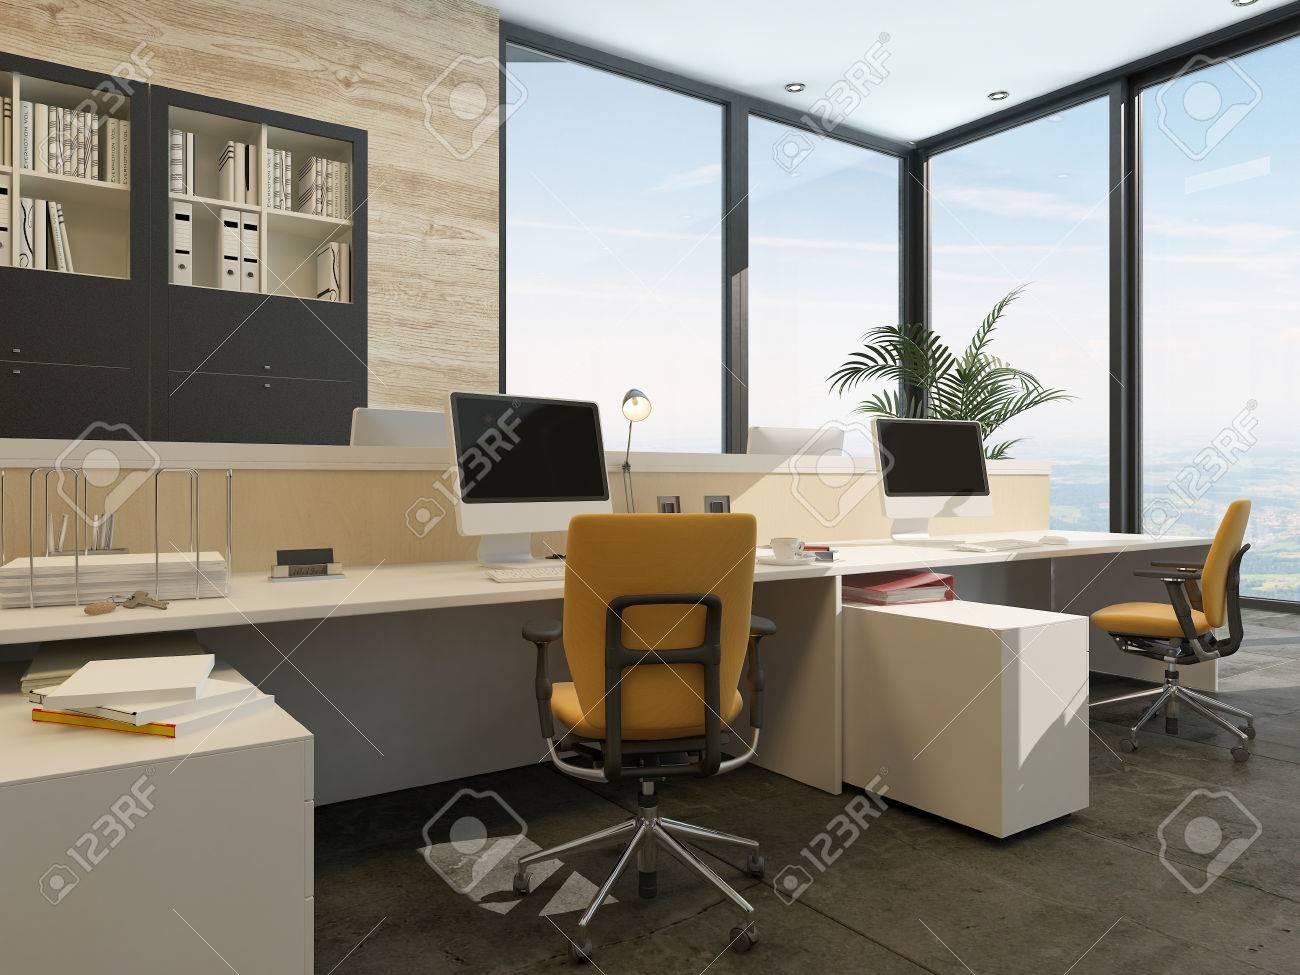 Environnement De Travail Spacieux Dans Un Bureau Moderne Avec Des ...